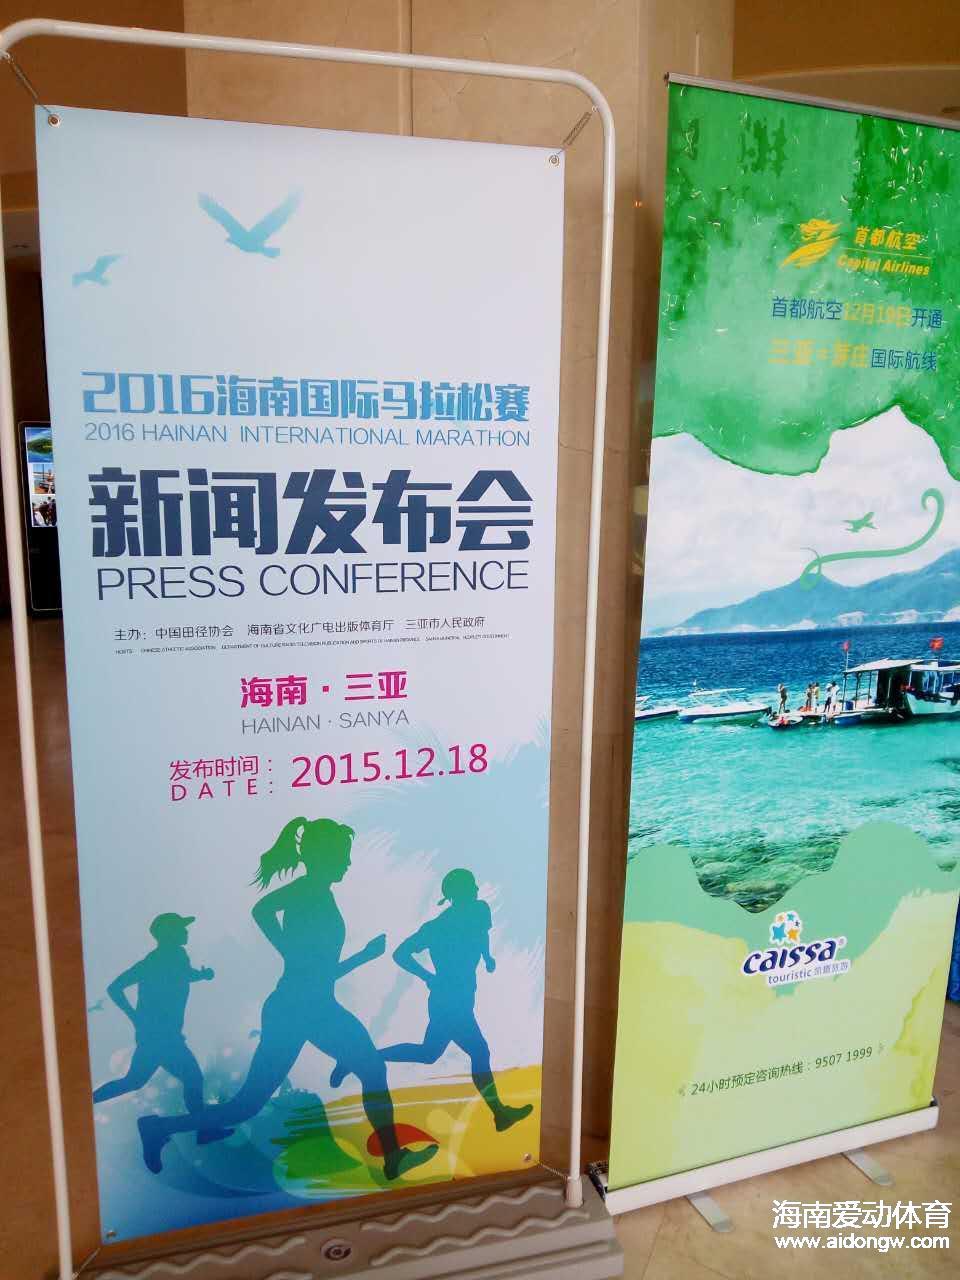 【跑步】海南国际马拉松赛事合作运营商确定